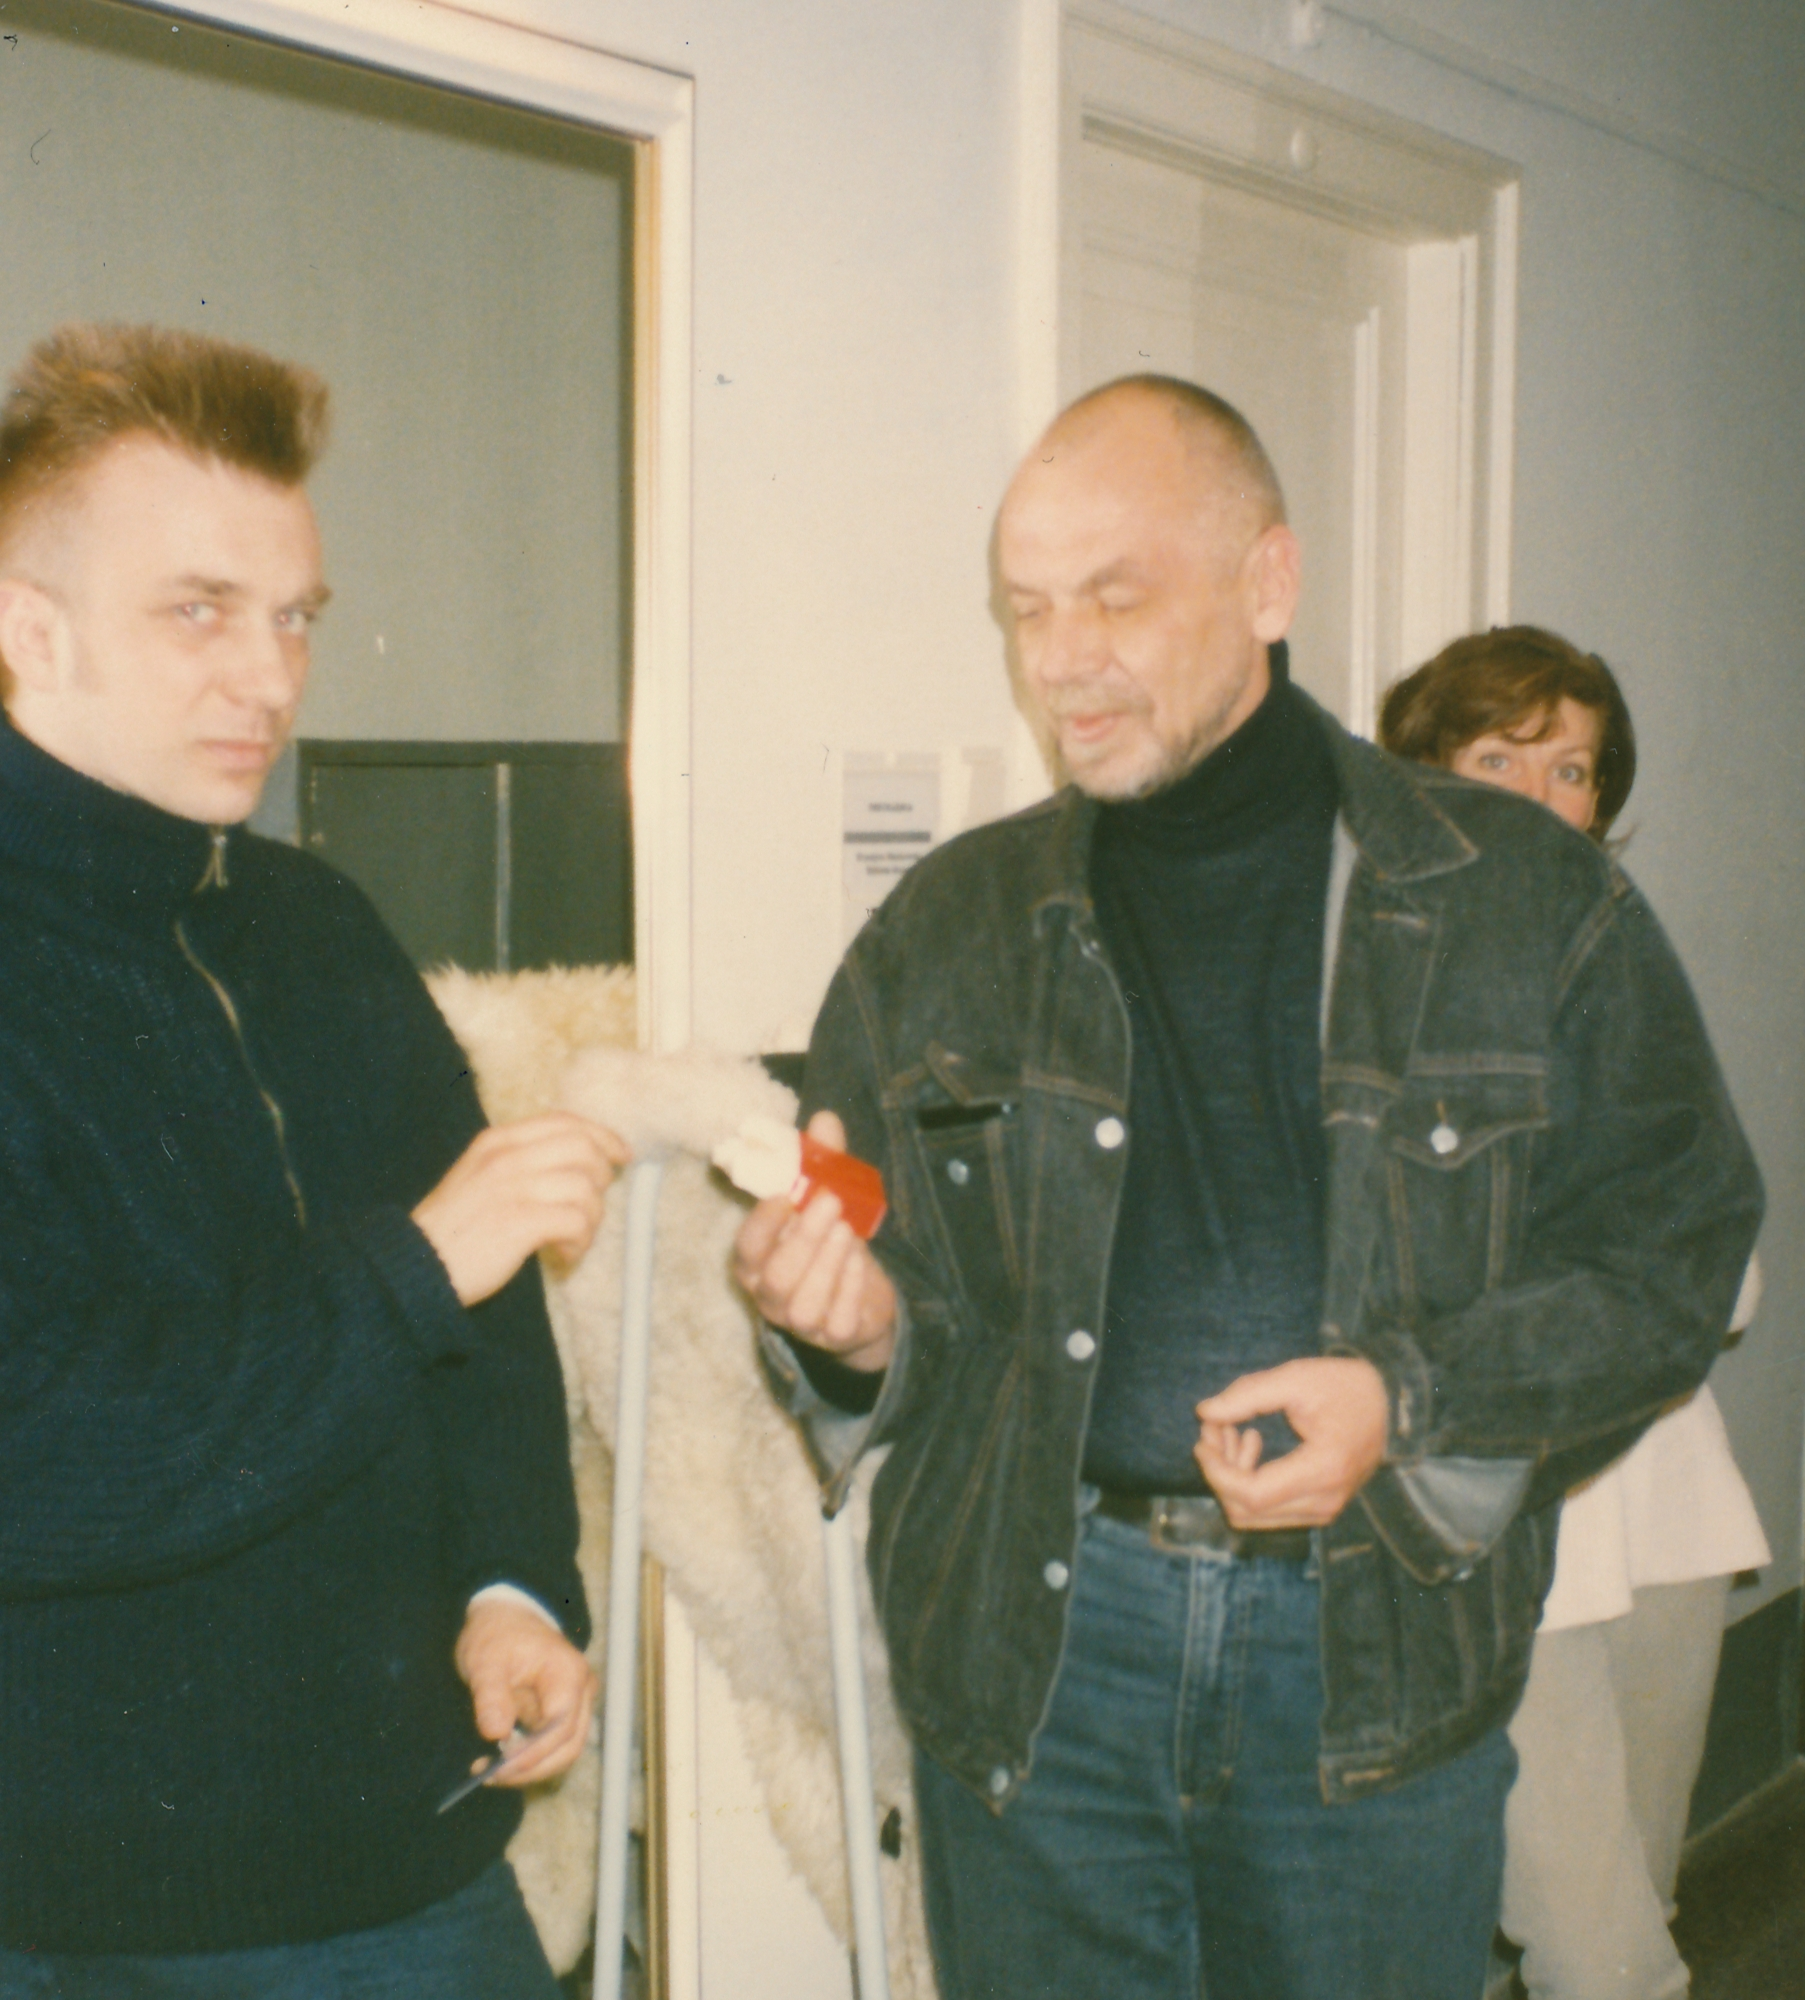 1997 m. Eimuntas Nekrošius siulo užsirūkyti nerūkančiam